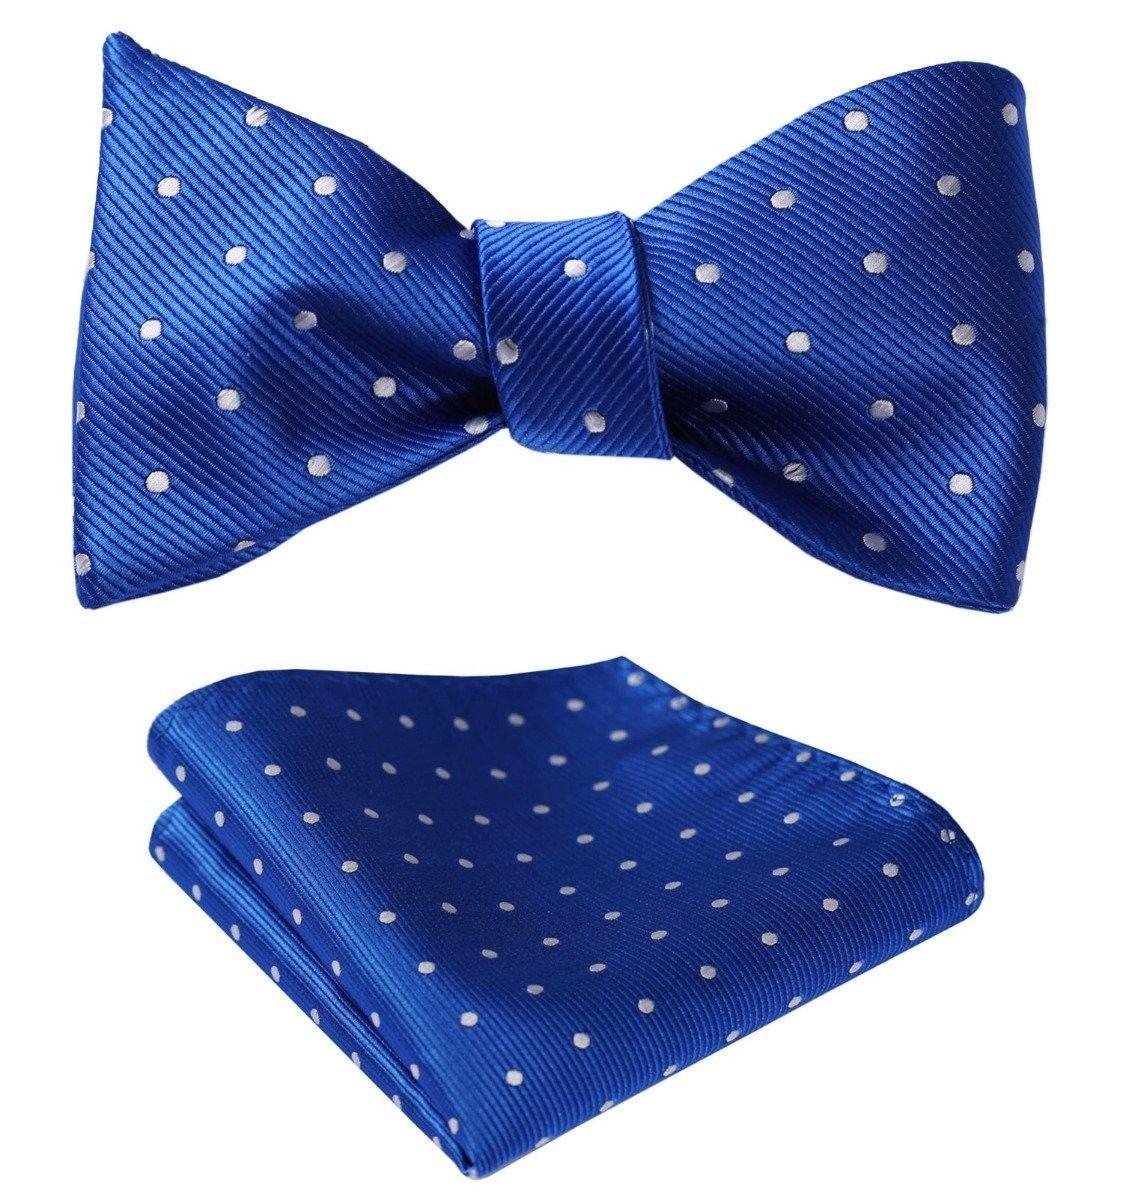 SetSense Men's Polka Dot Jacquard Woven Self Bow Tie Set One Size Blue / Silver - $27.00